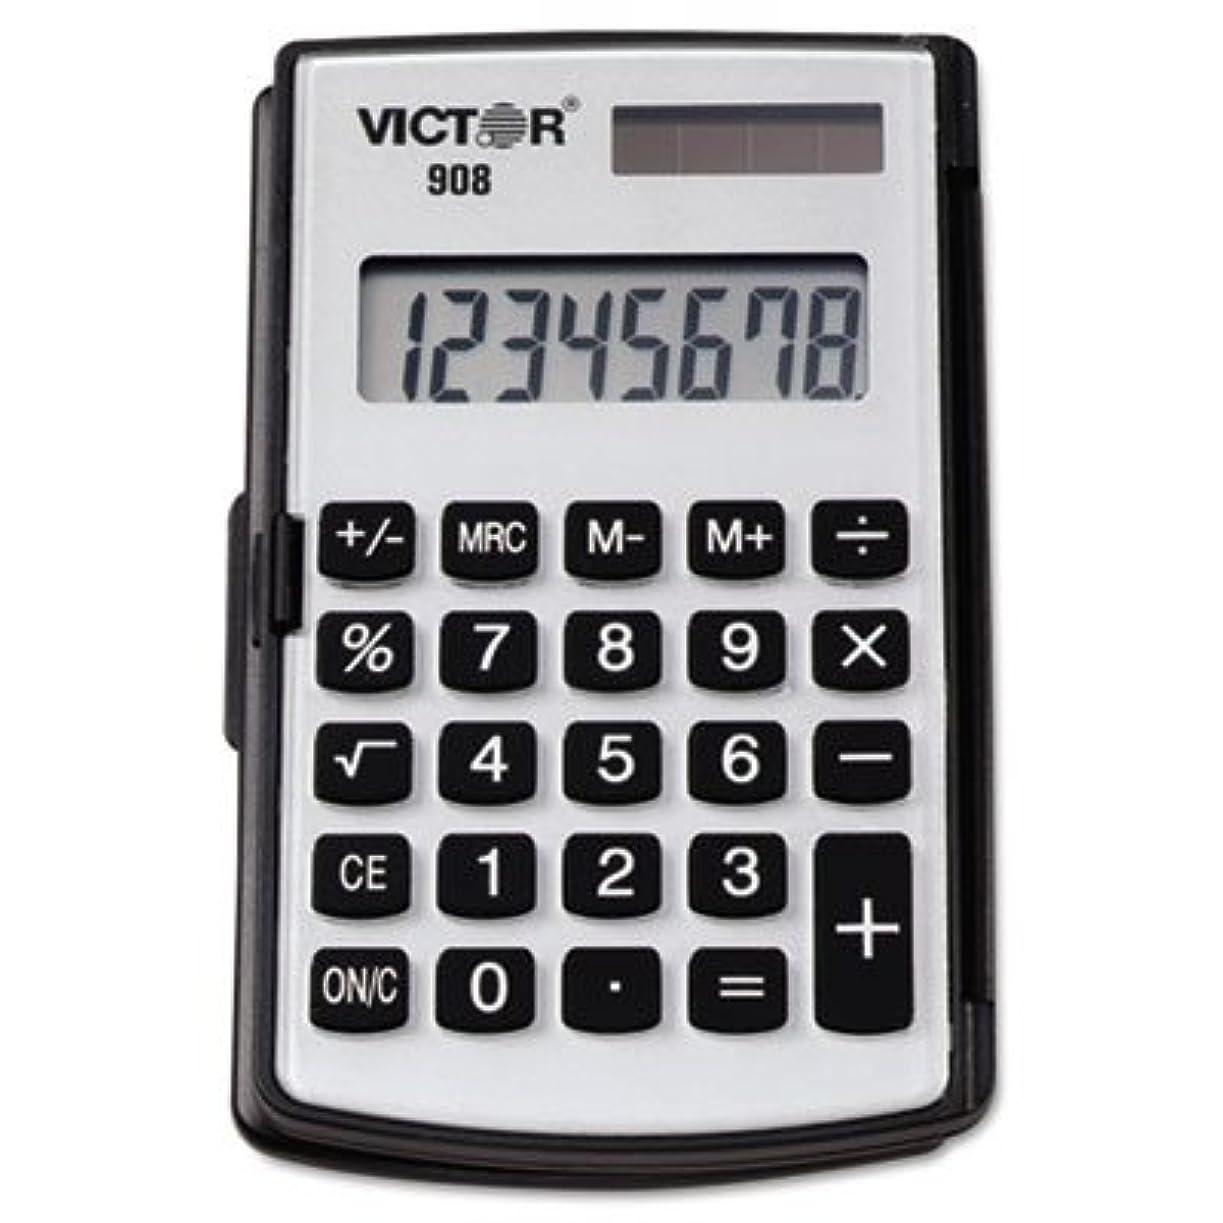 家庭デュアルバナー908ポータブルポケット/ハンドヘルド電卓、8桁LCD 2-Pack